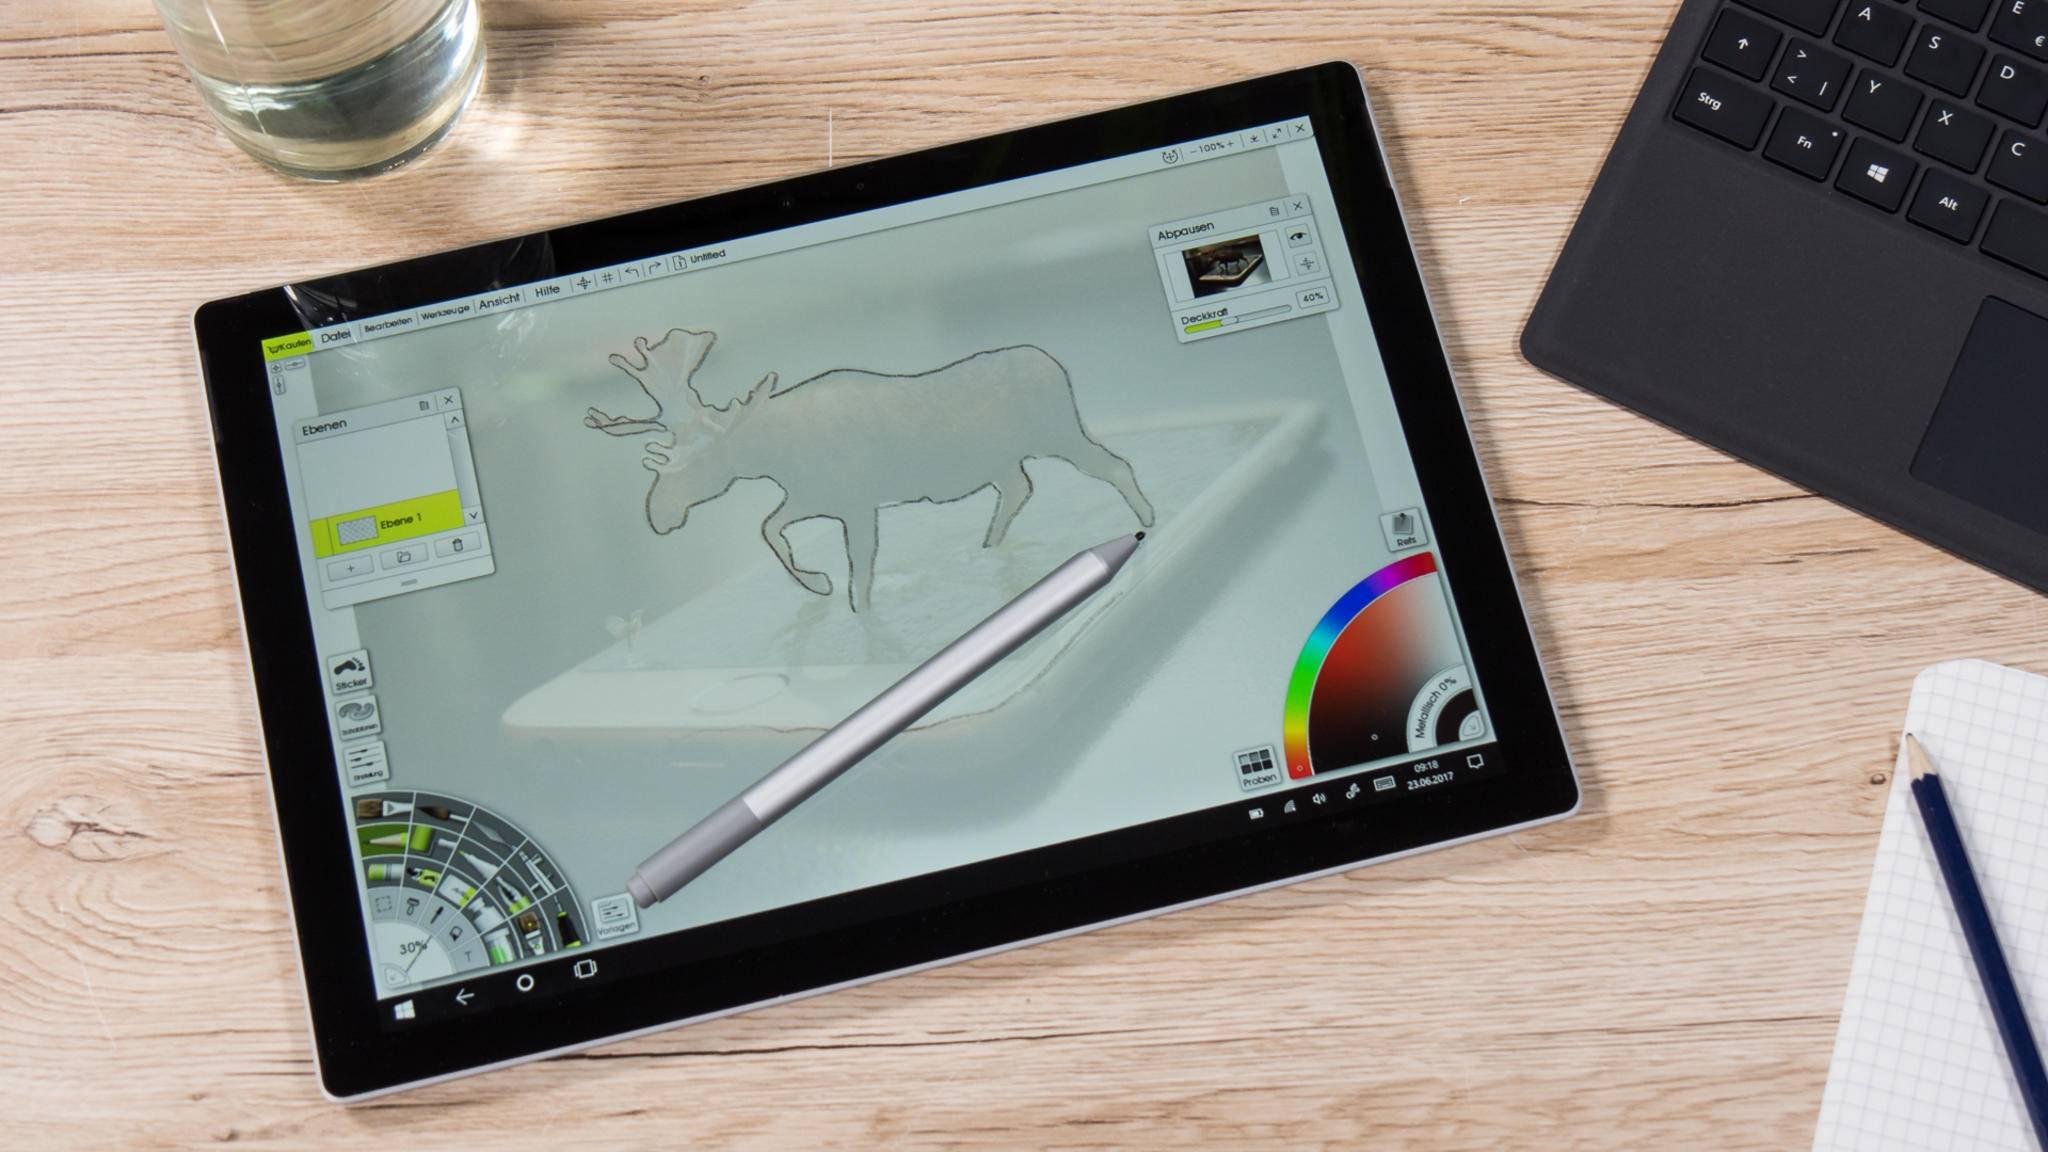 Das Microsoft Surface Pro (2017) überzeugt bei Verarbeitung und Leistung.